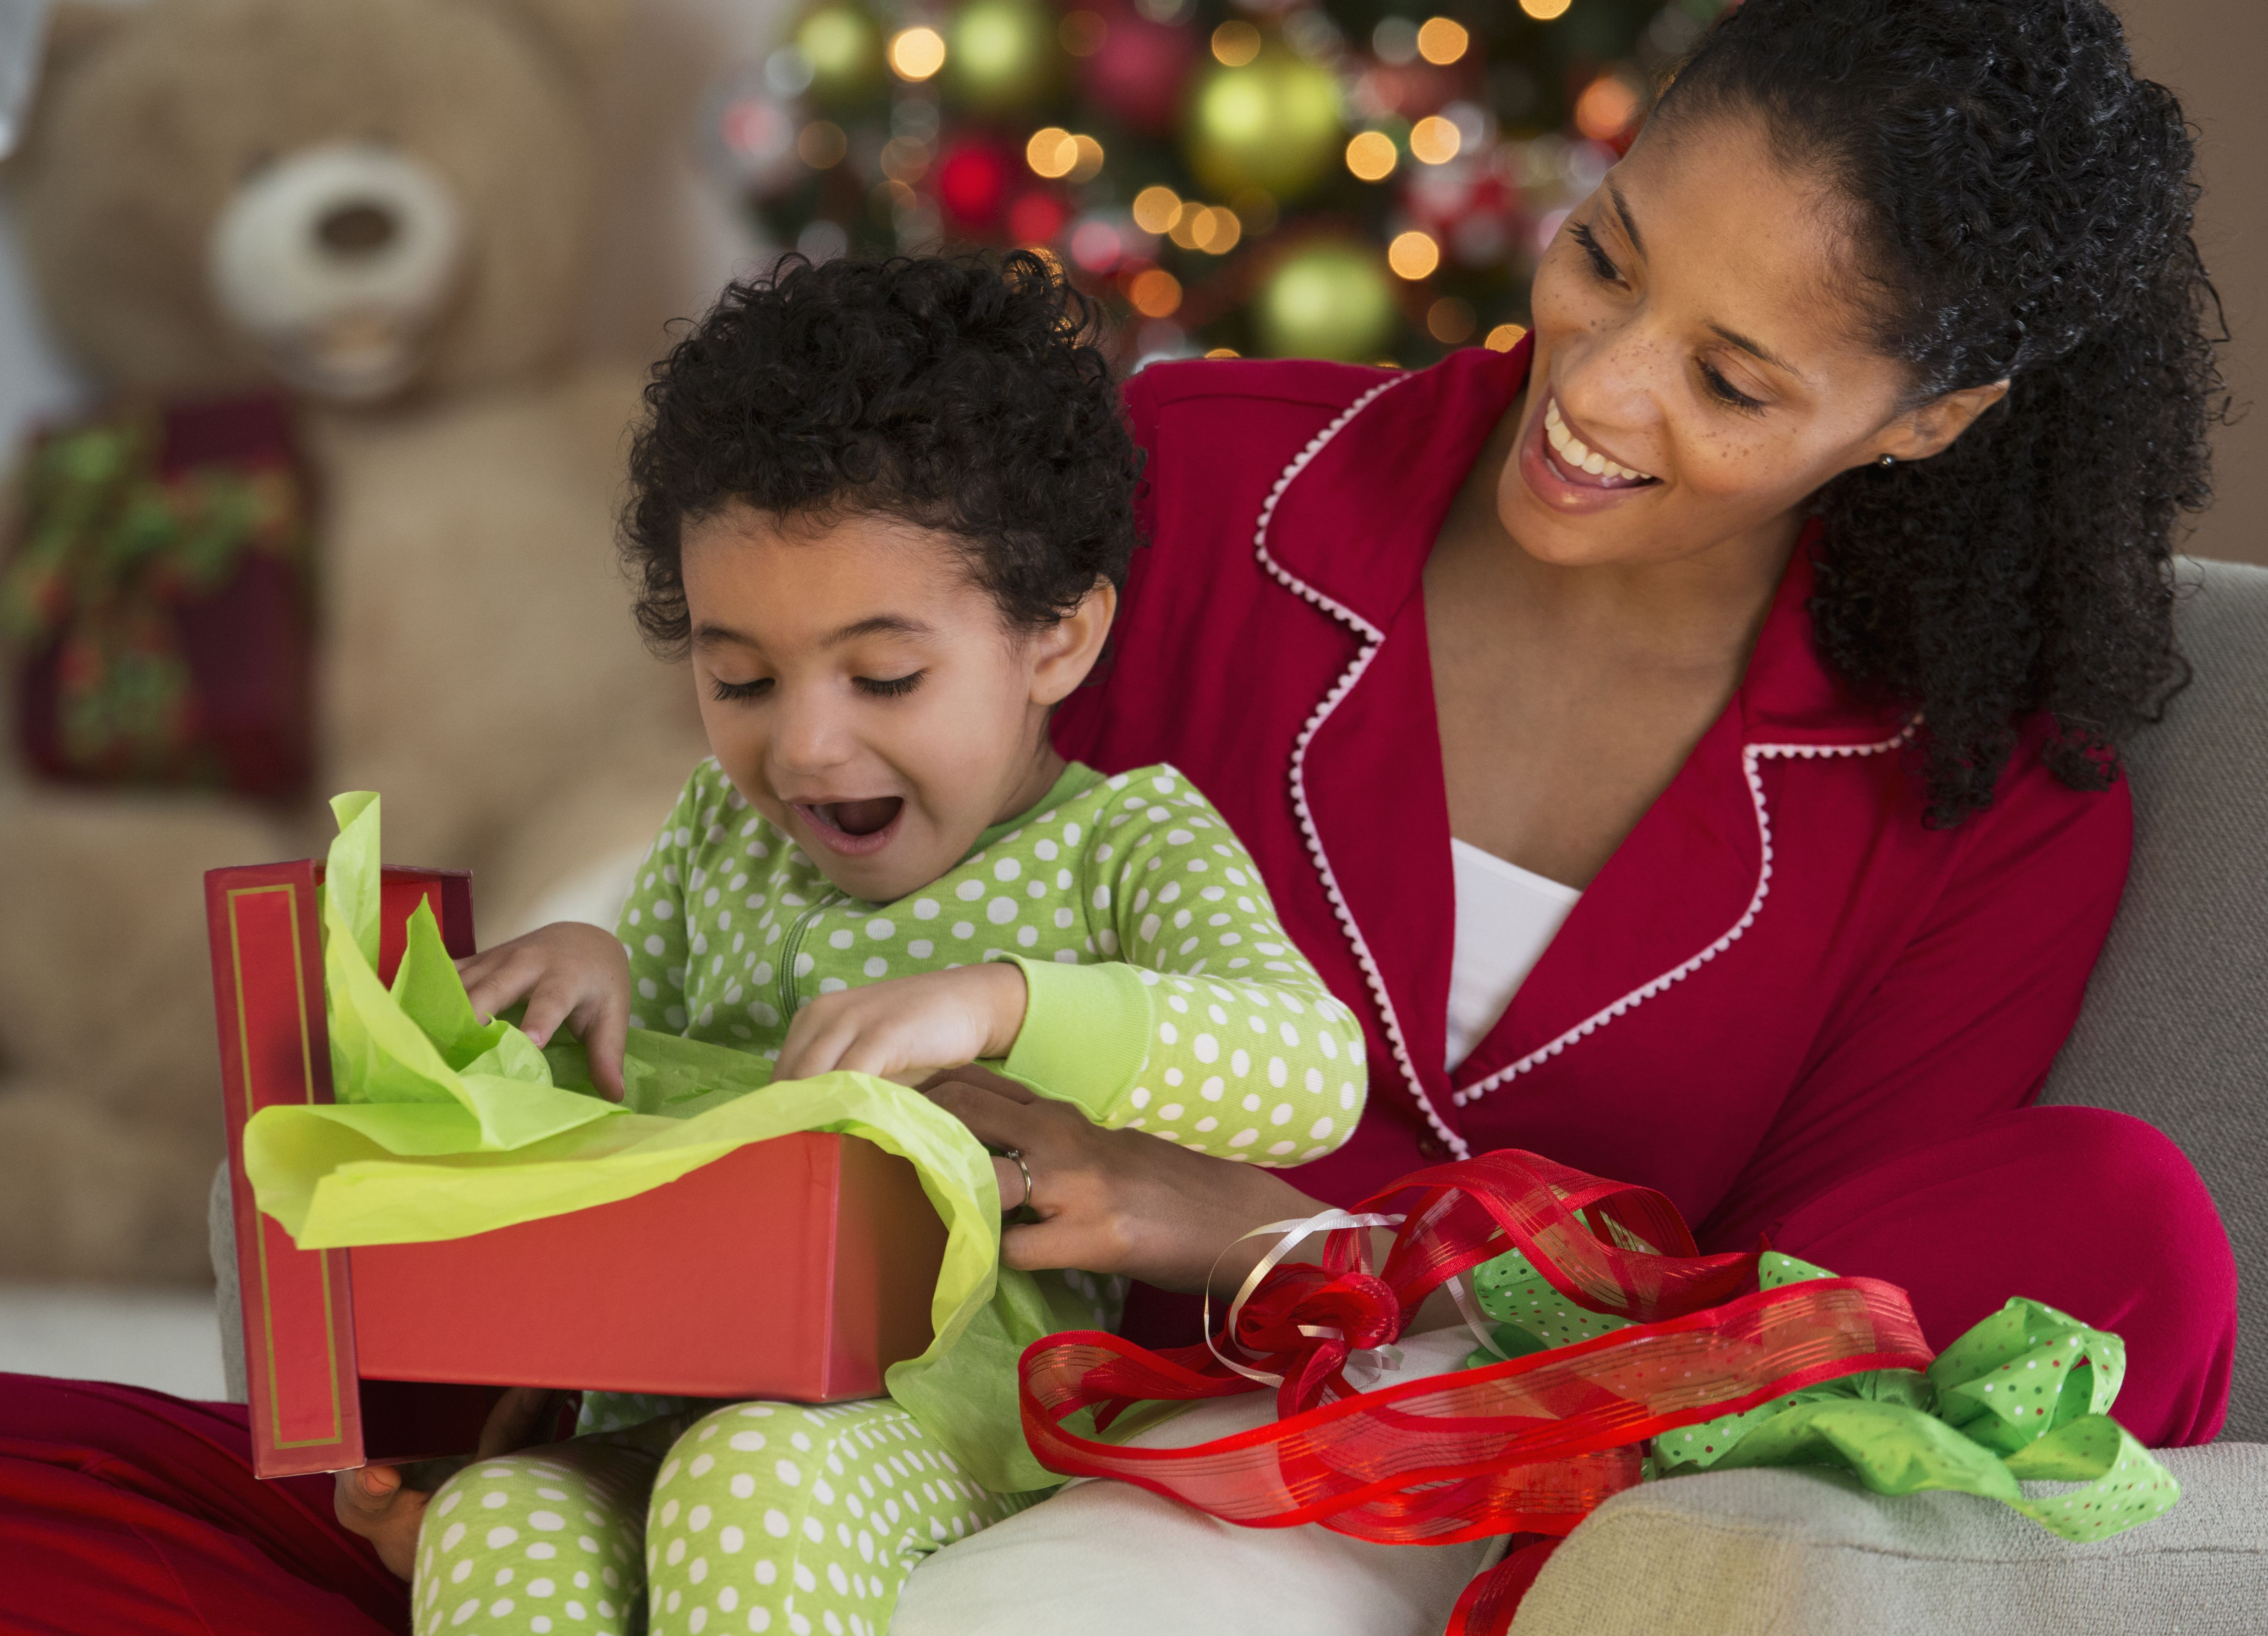 Top Christian Christmas Movies for Kids